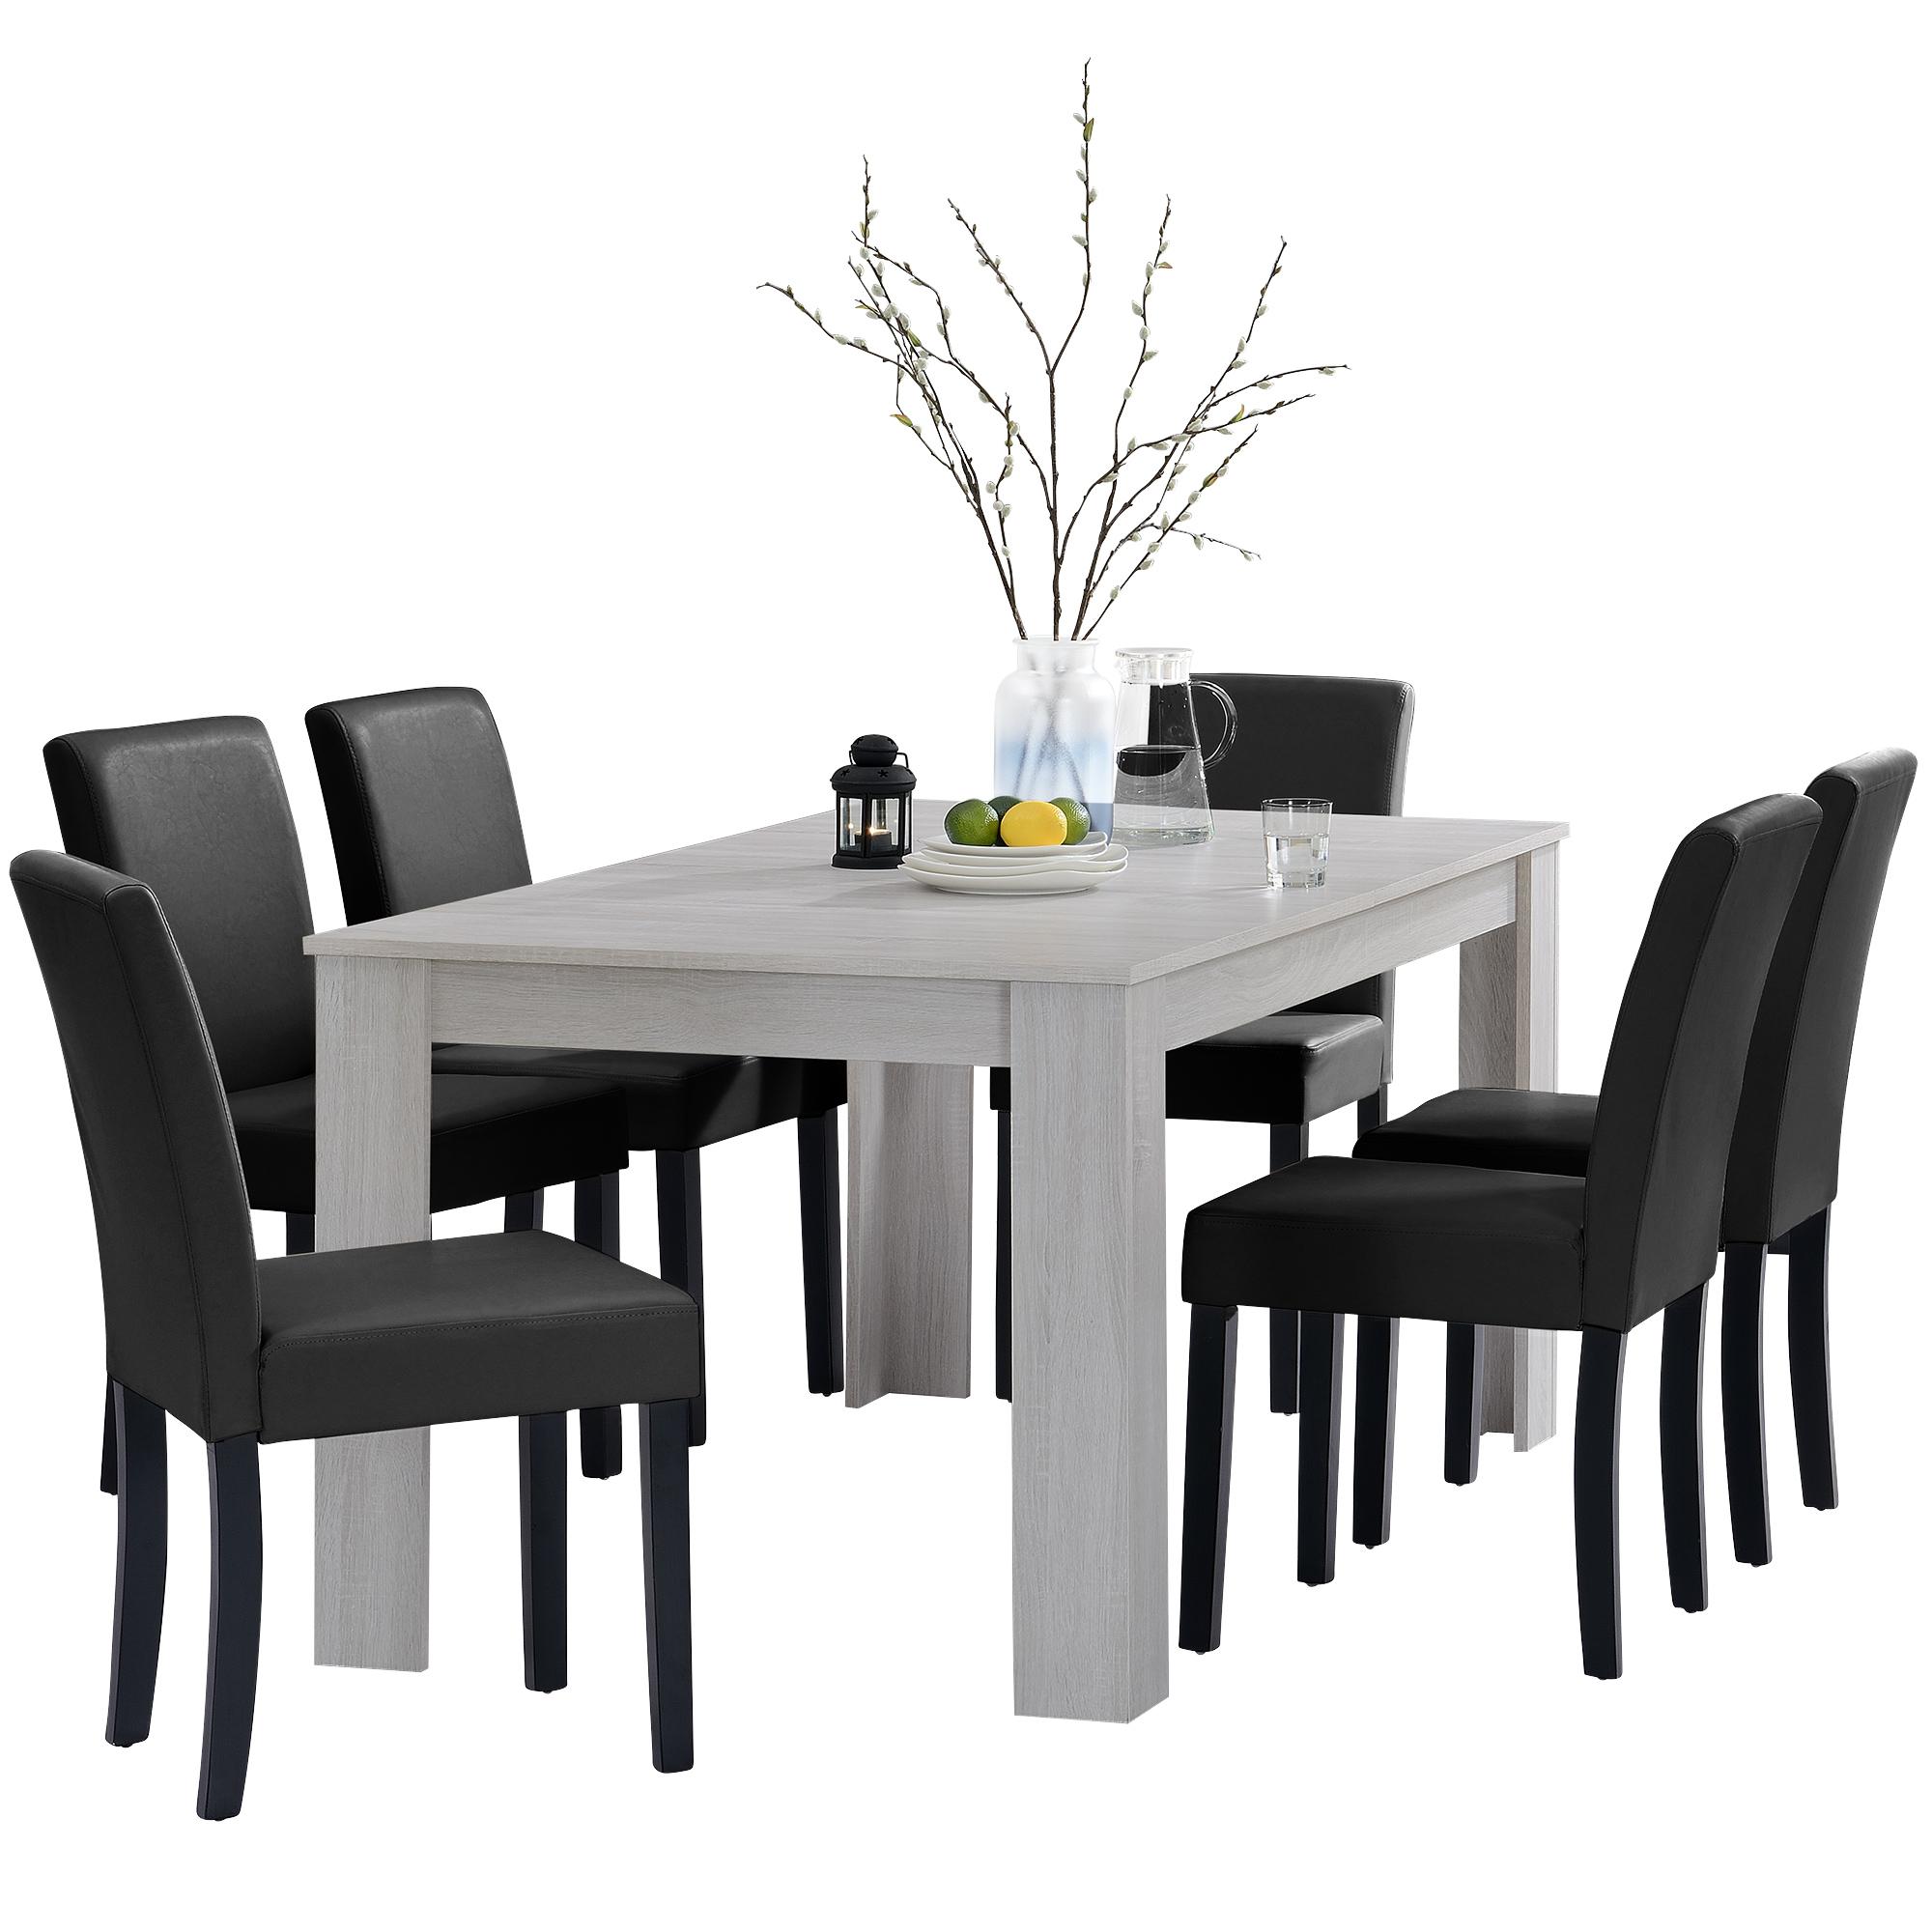 [en.casa]® Jídelní sestava 1 x stůl HTFU2336 + 6 x židle HTMY-9706